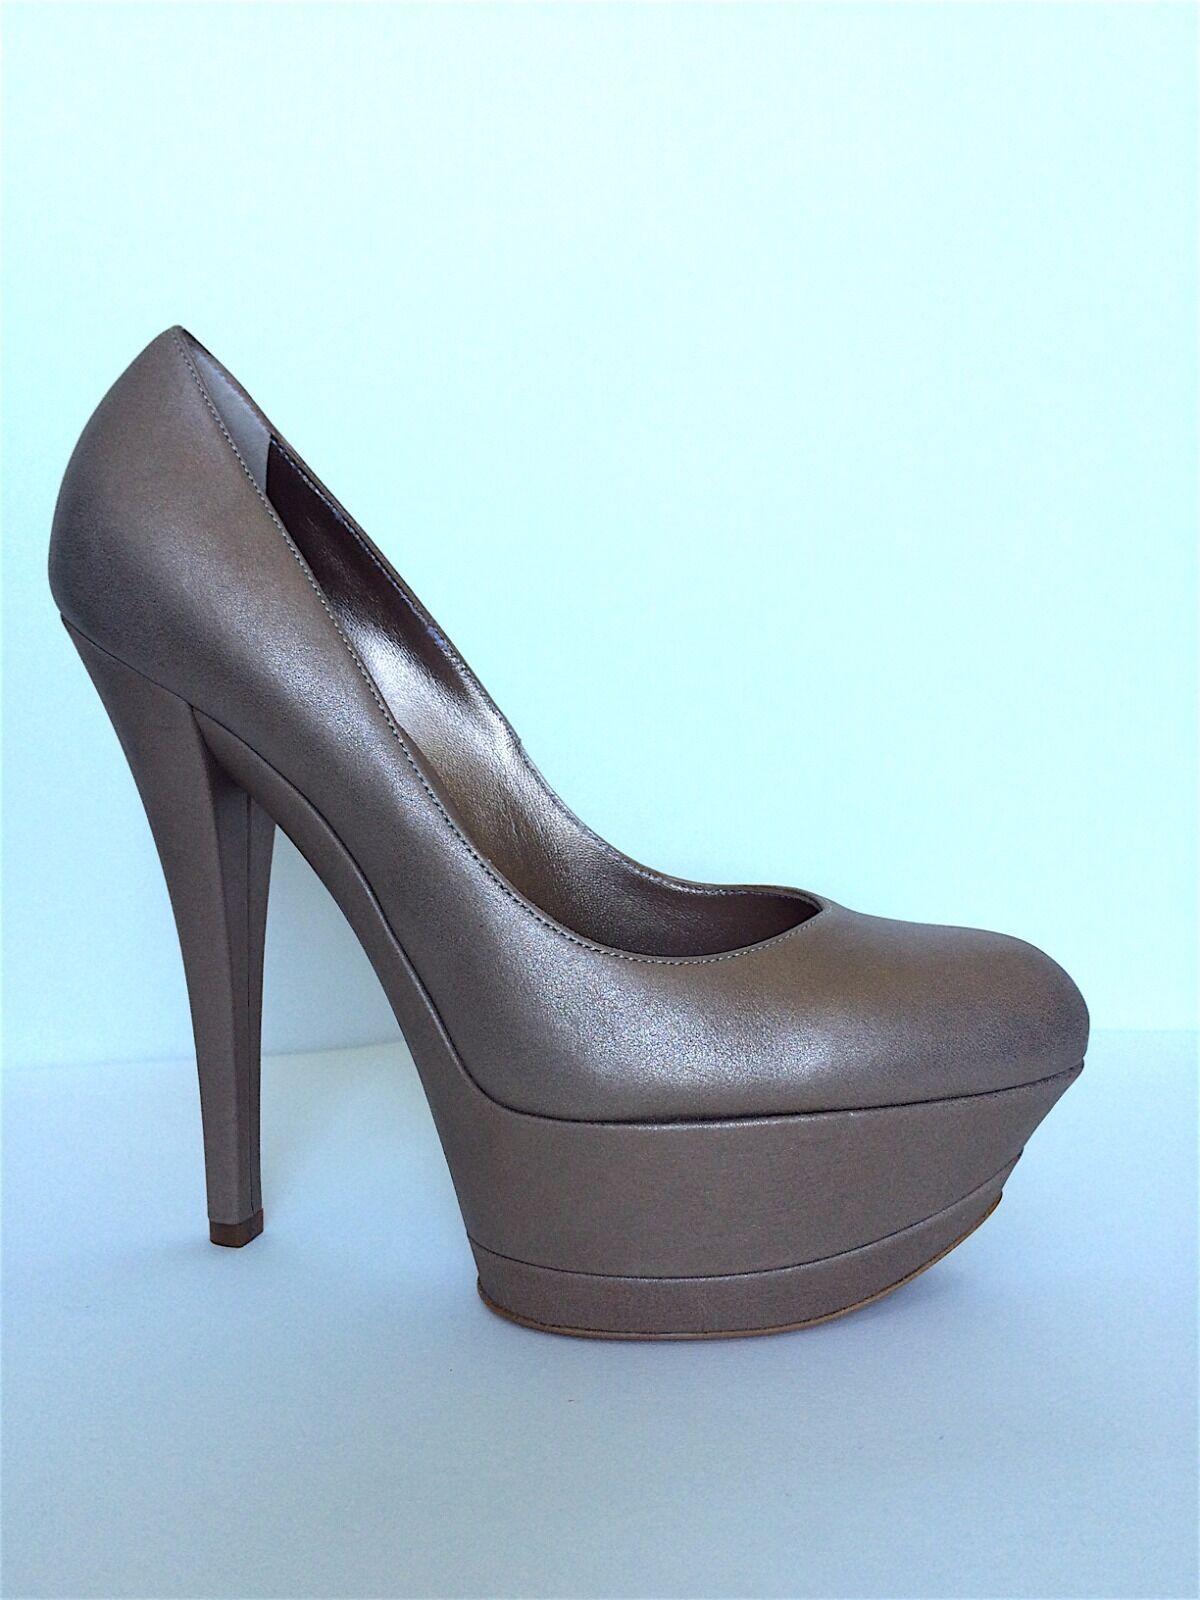 Celebrità preferita  Casadei  Metallic Triple Platform Pump 5526 oro cannelloso  shopping online e negozio di moda